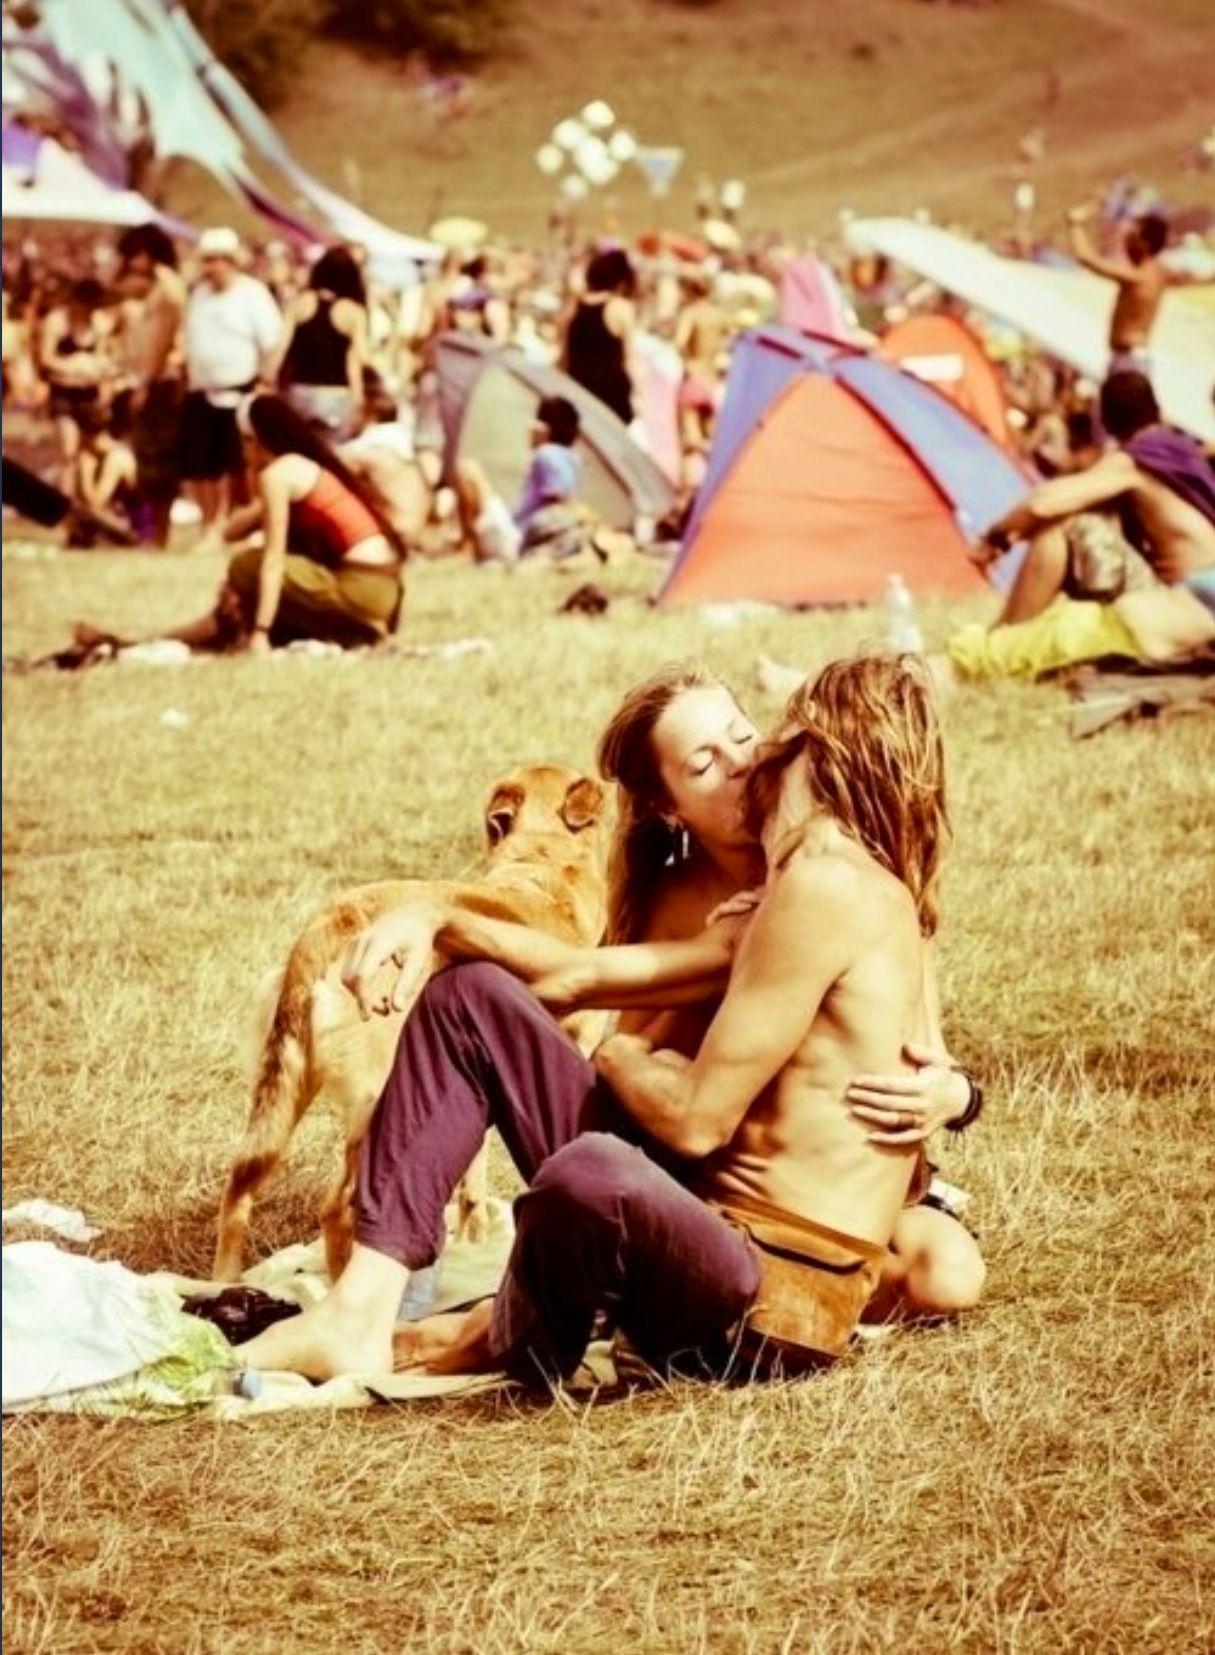 O beijo do casal anônimo no Festival de Woodstock, em 1969, fotografado por…